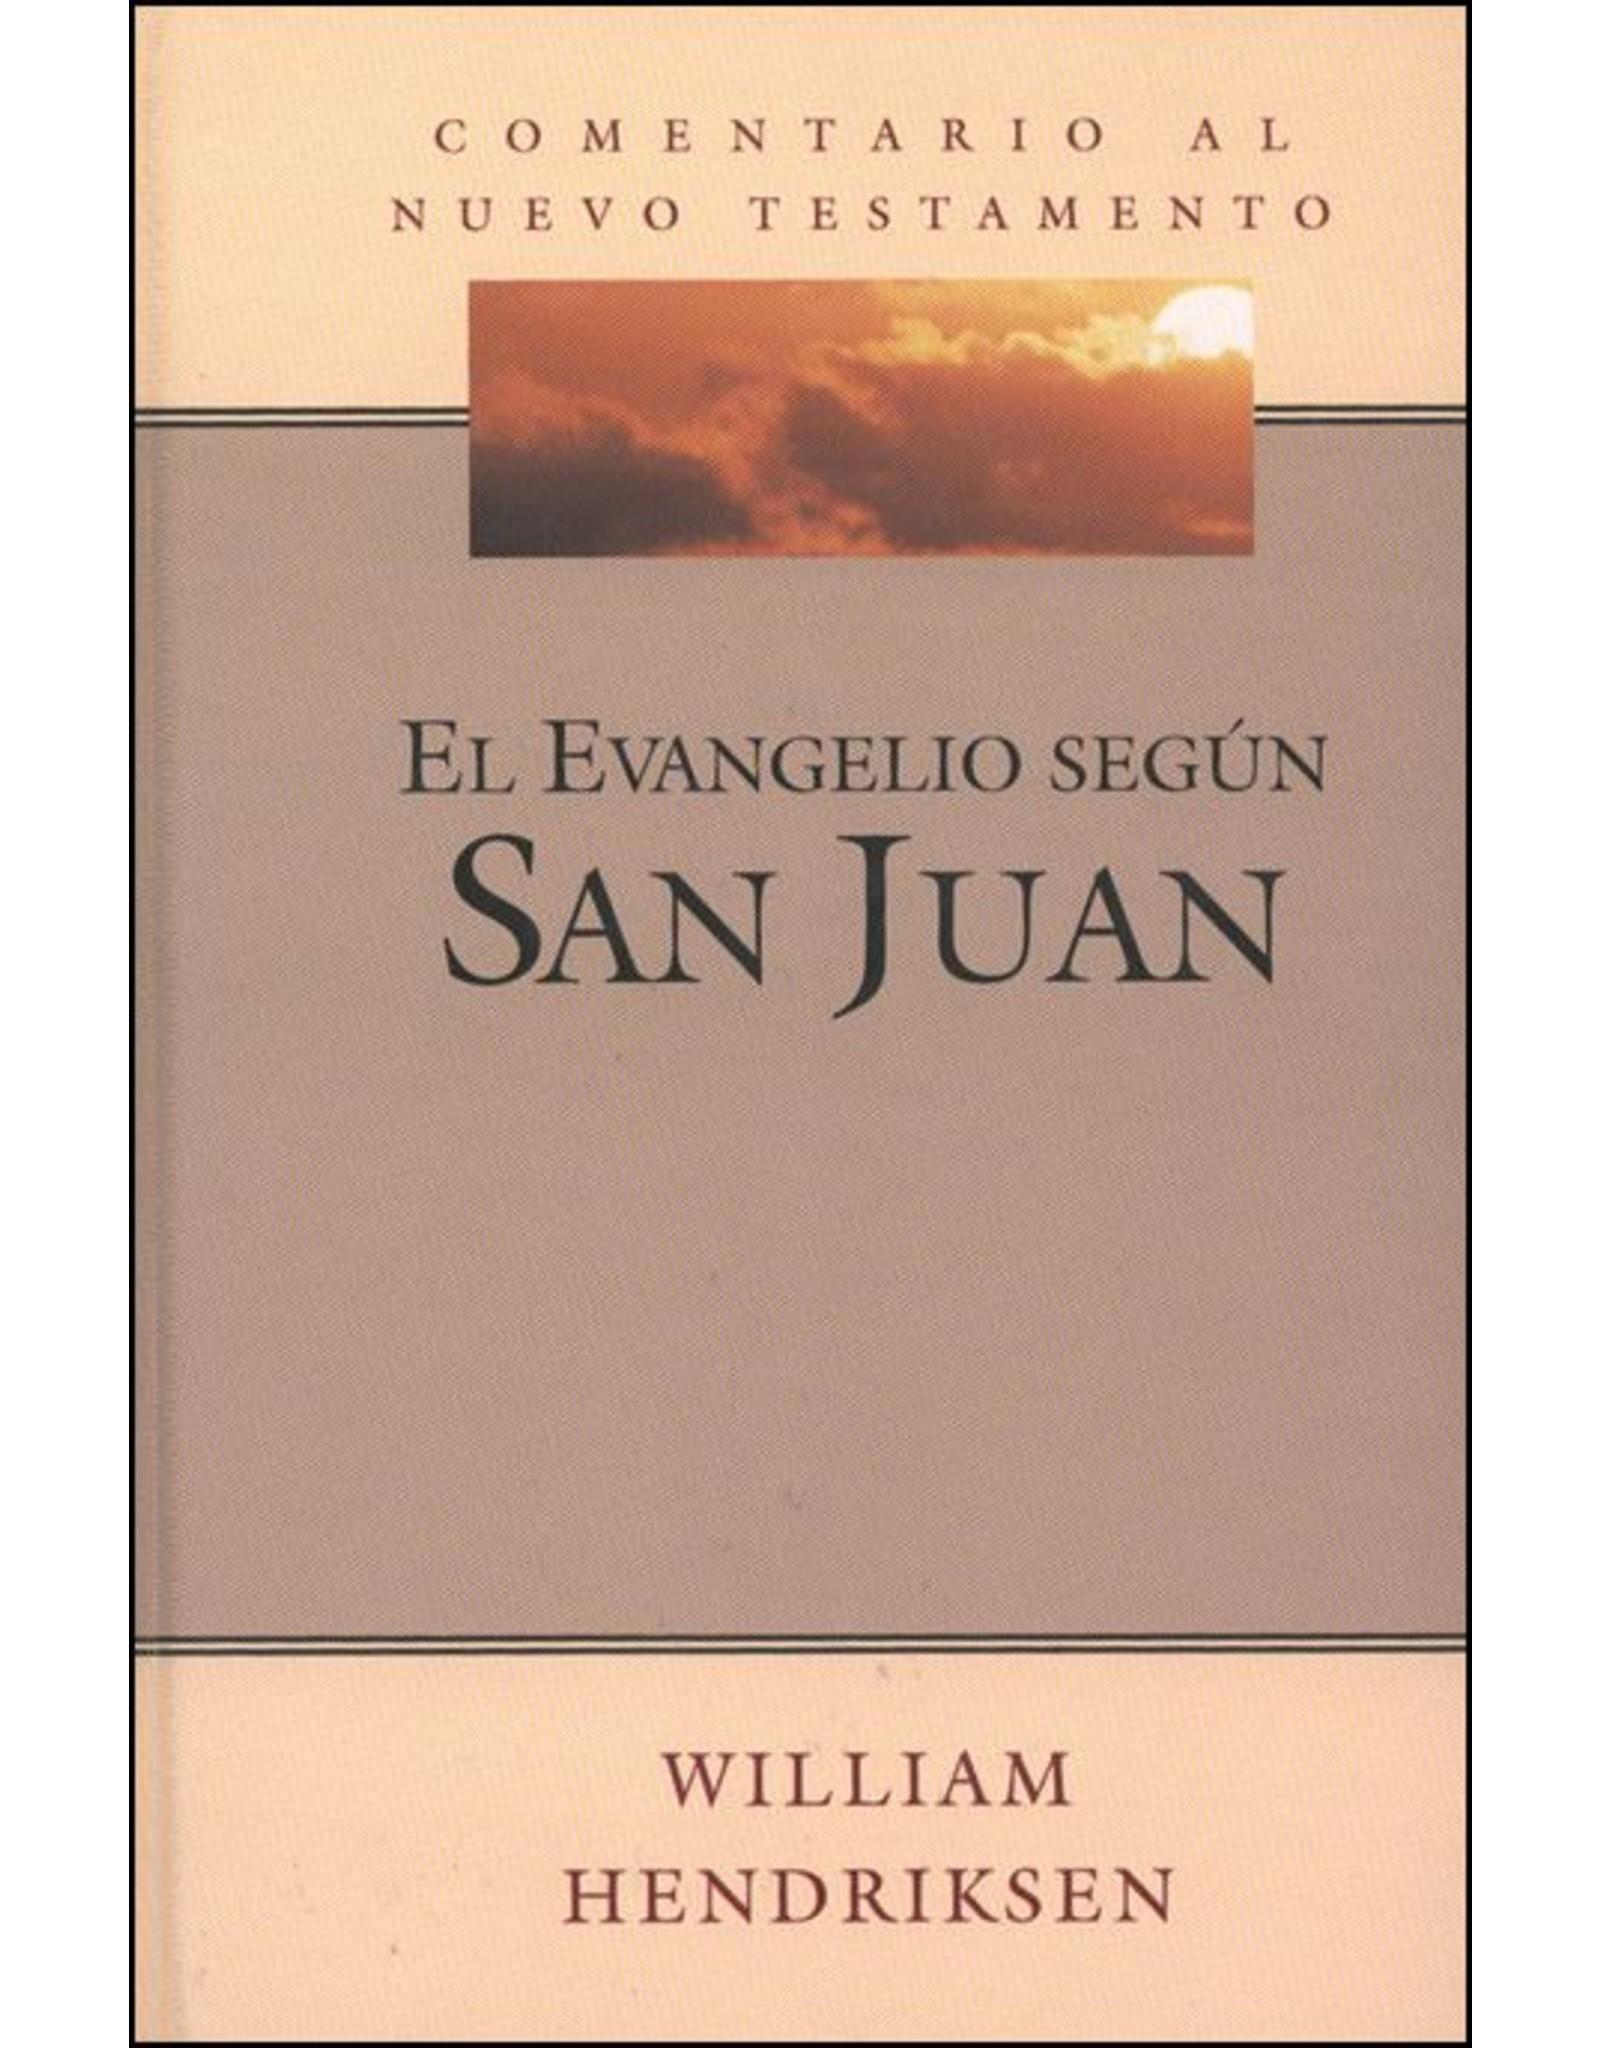 CRC San Juan (Serie Comentario al Nuevo Testamento)